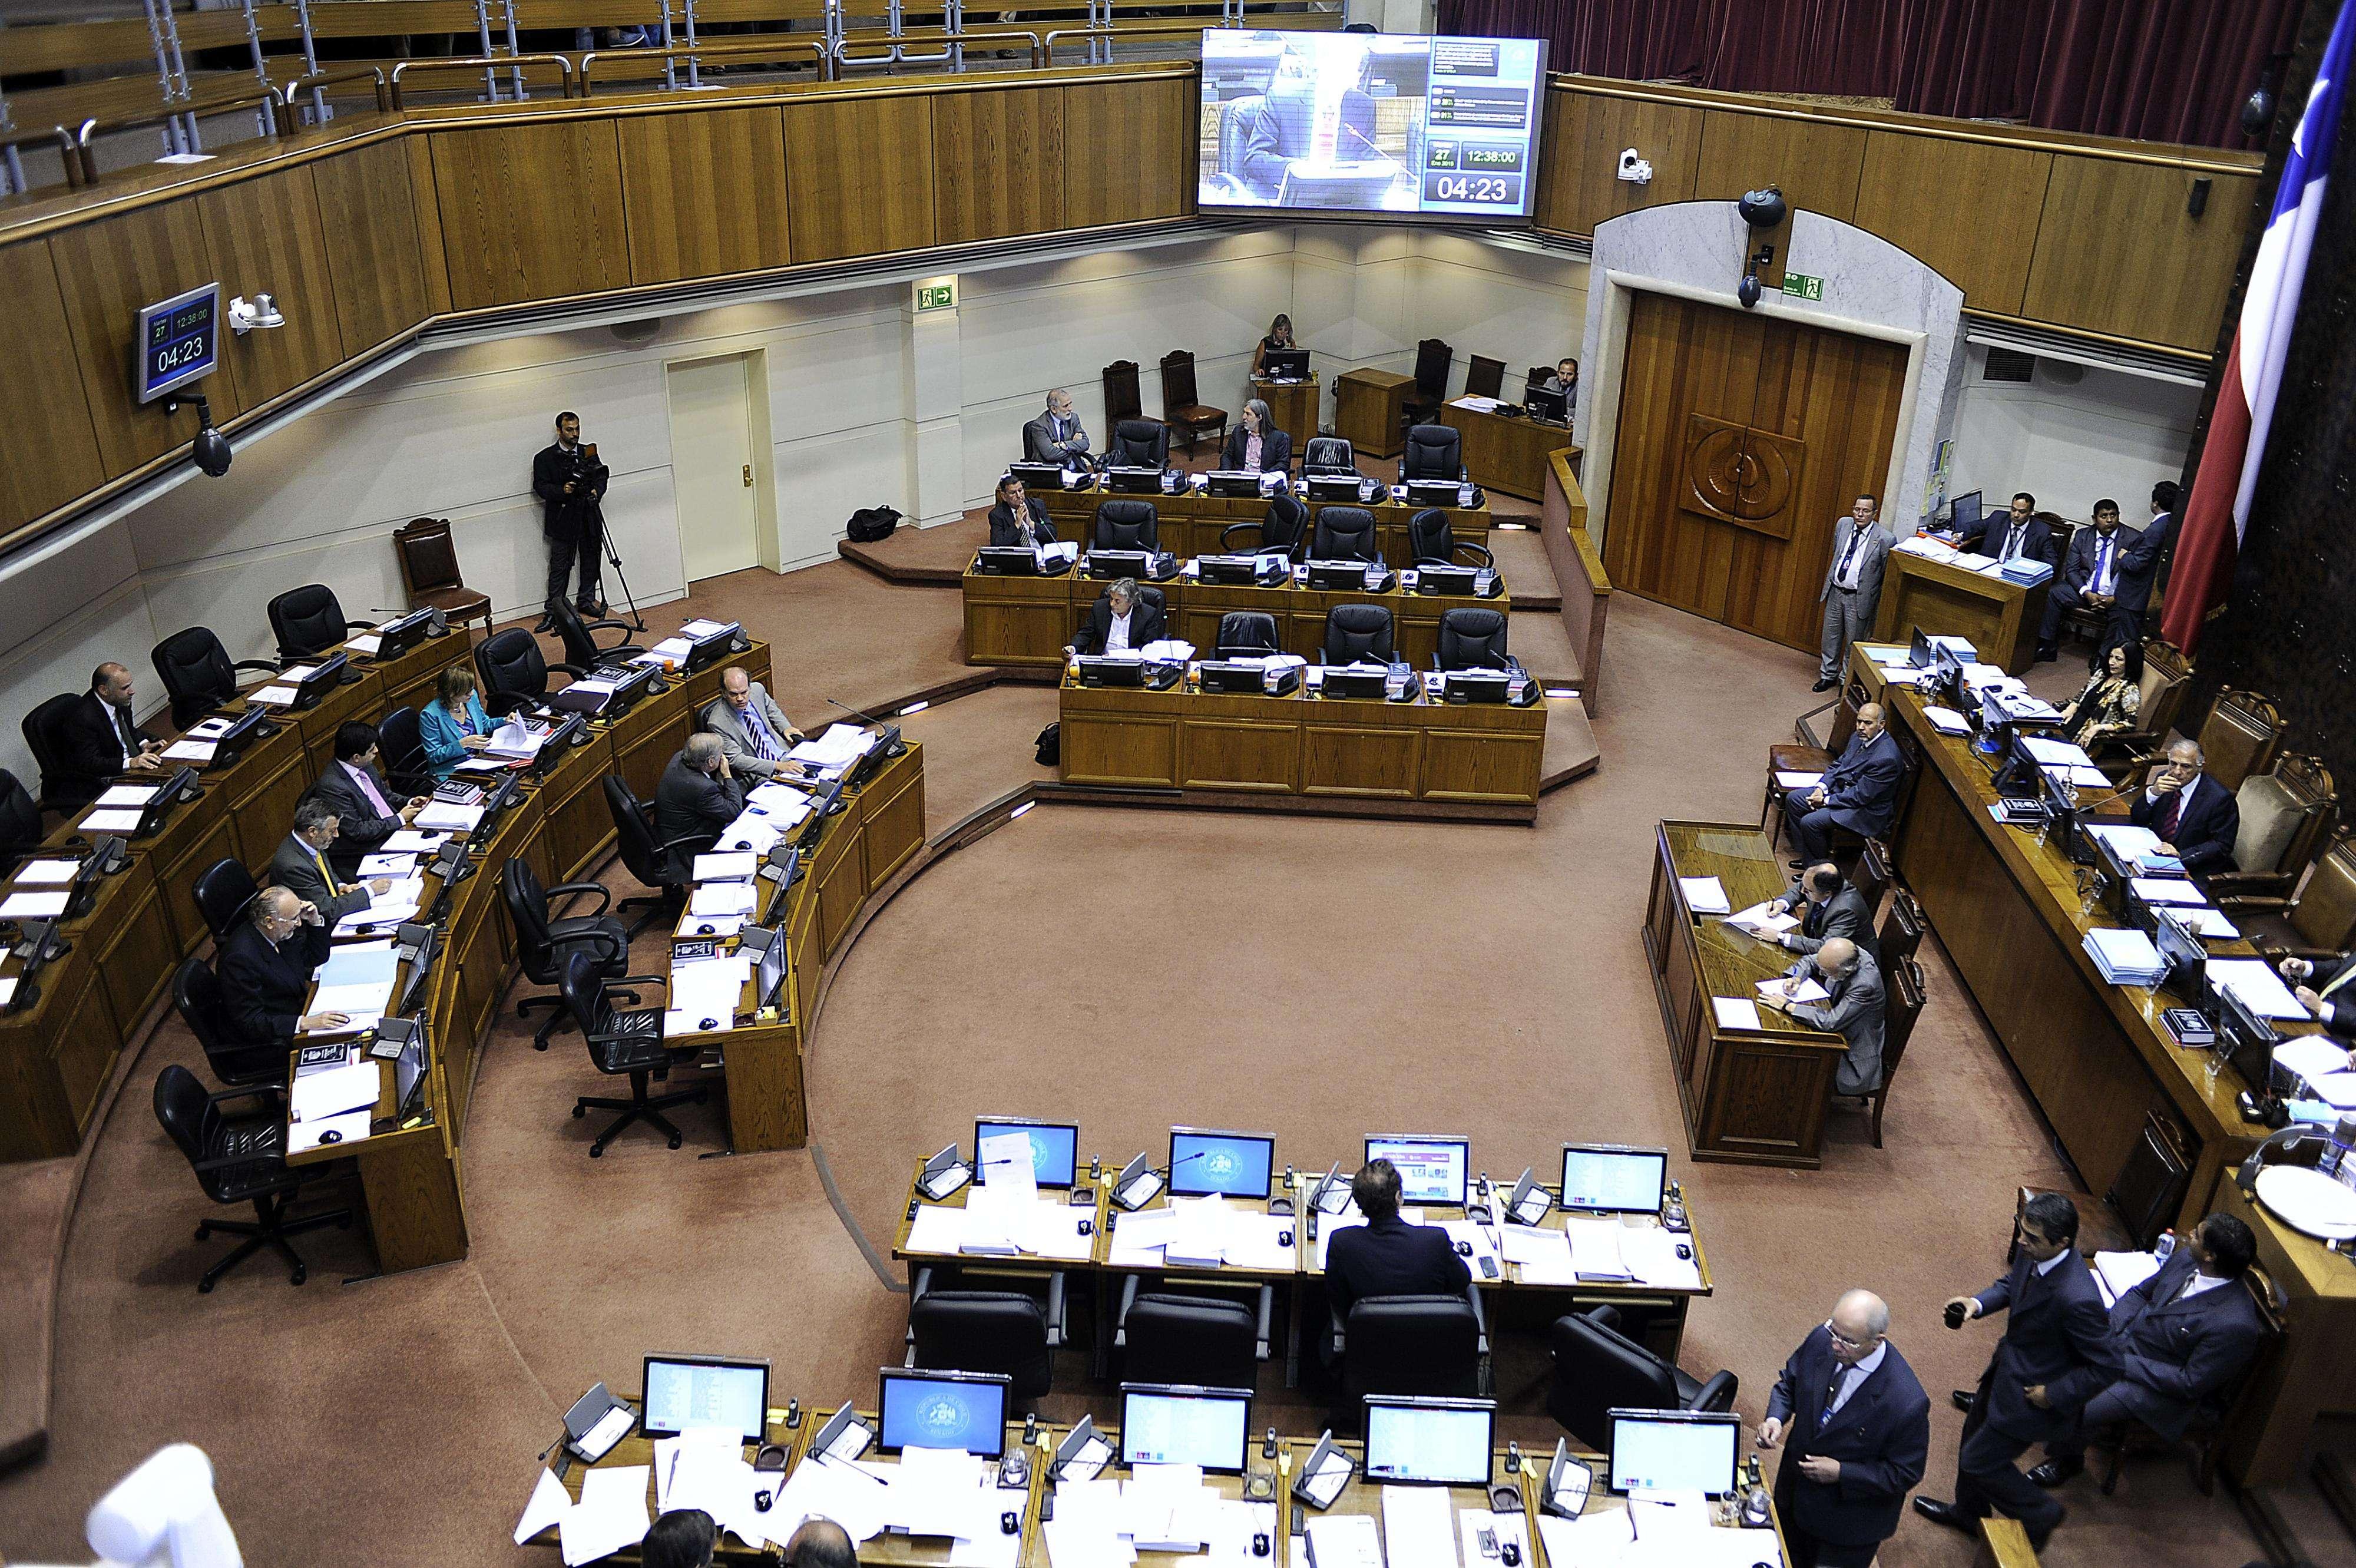 El Hemiciclo del Senado, el 27 de enero de 2015, donde también se aprobó la conformación de Comisión Mixta para zanjar proyecto de Unión Civil PUC . Foto: Agencia UNO